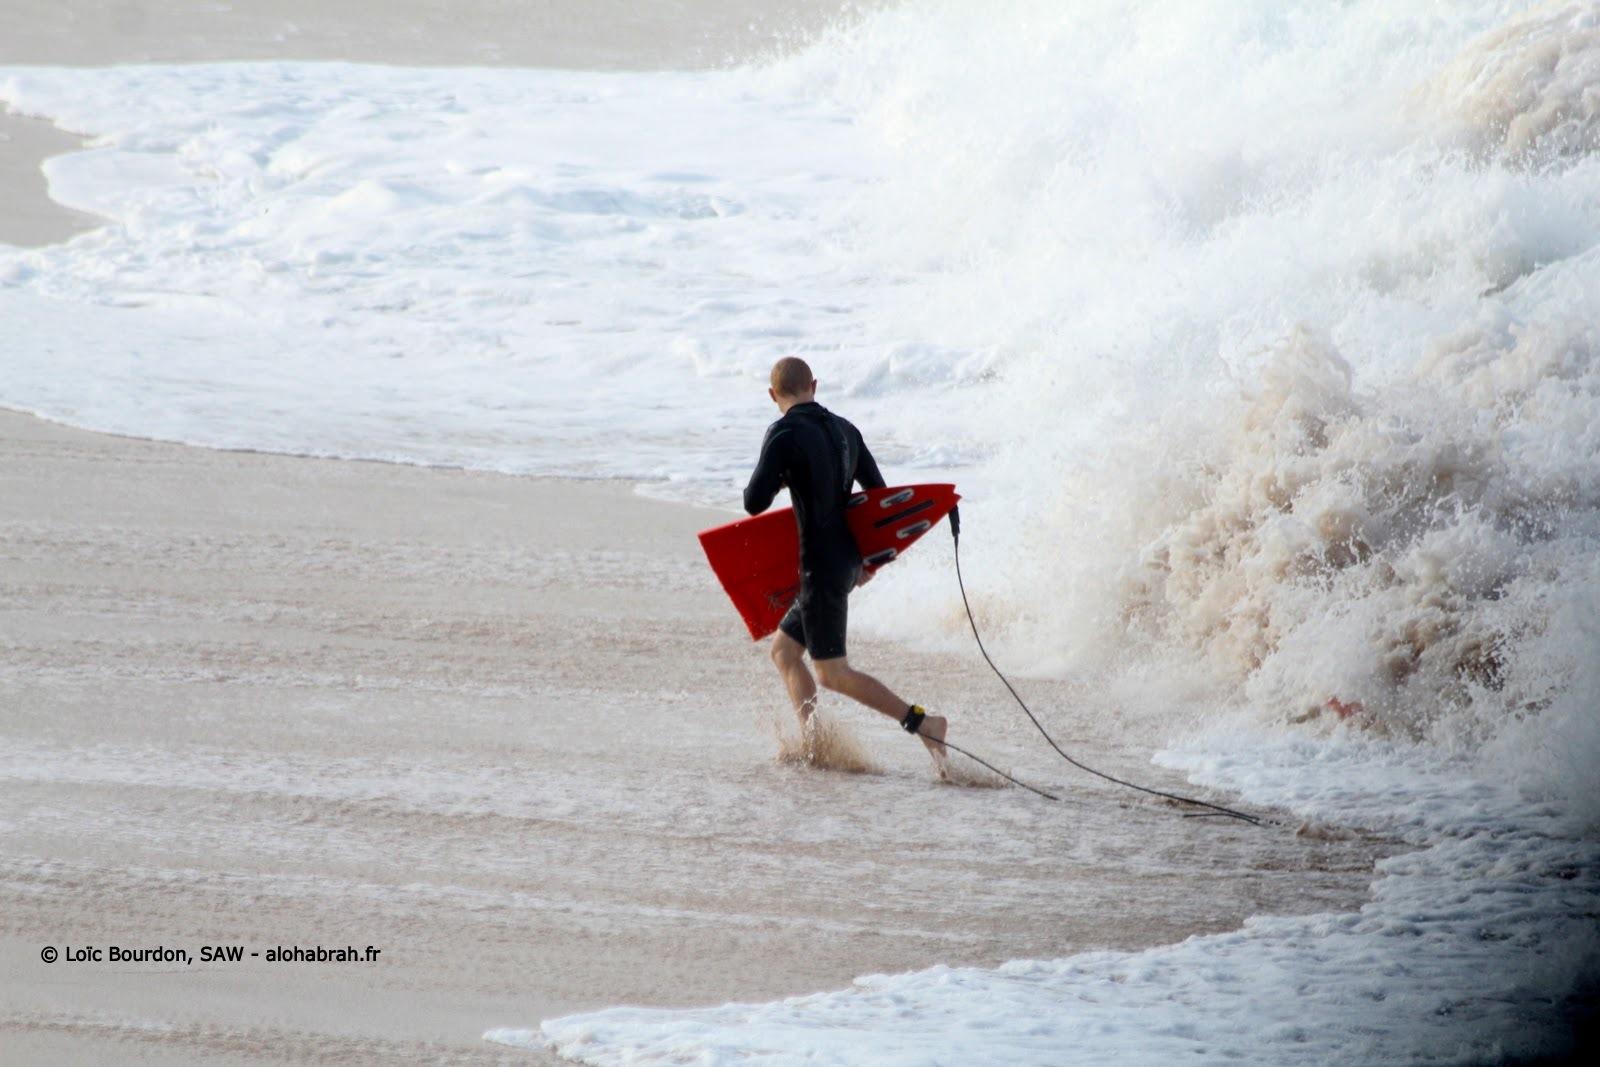 planche cassée, waimea swell du 04-01-12 © Loïc Bourdon, SAW - alohabrah.fr